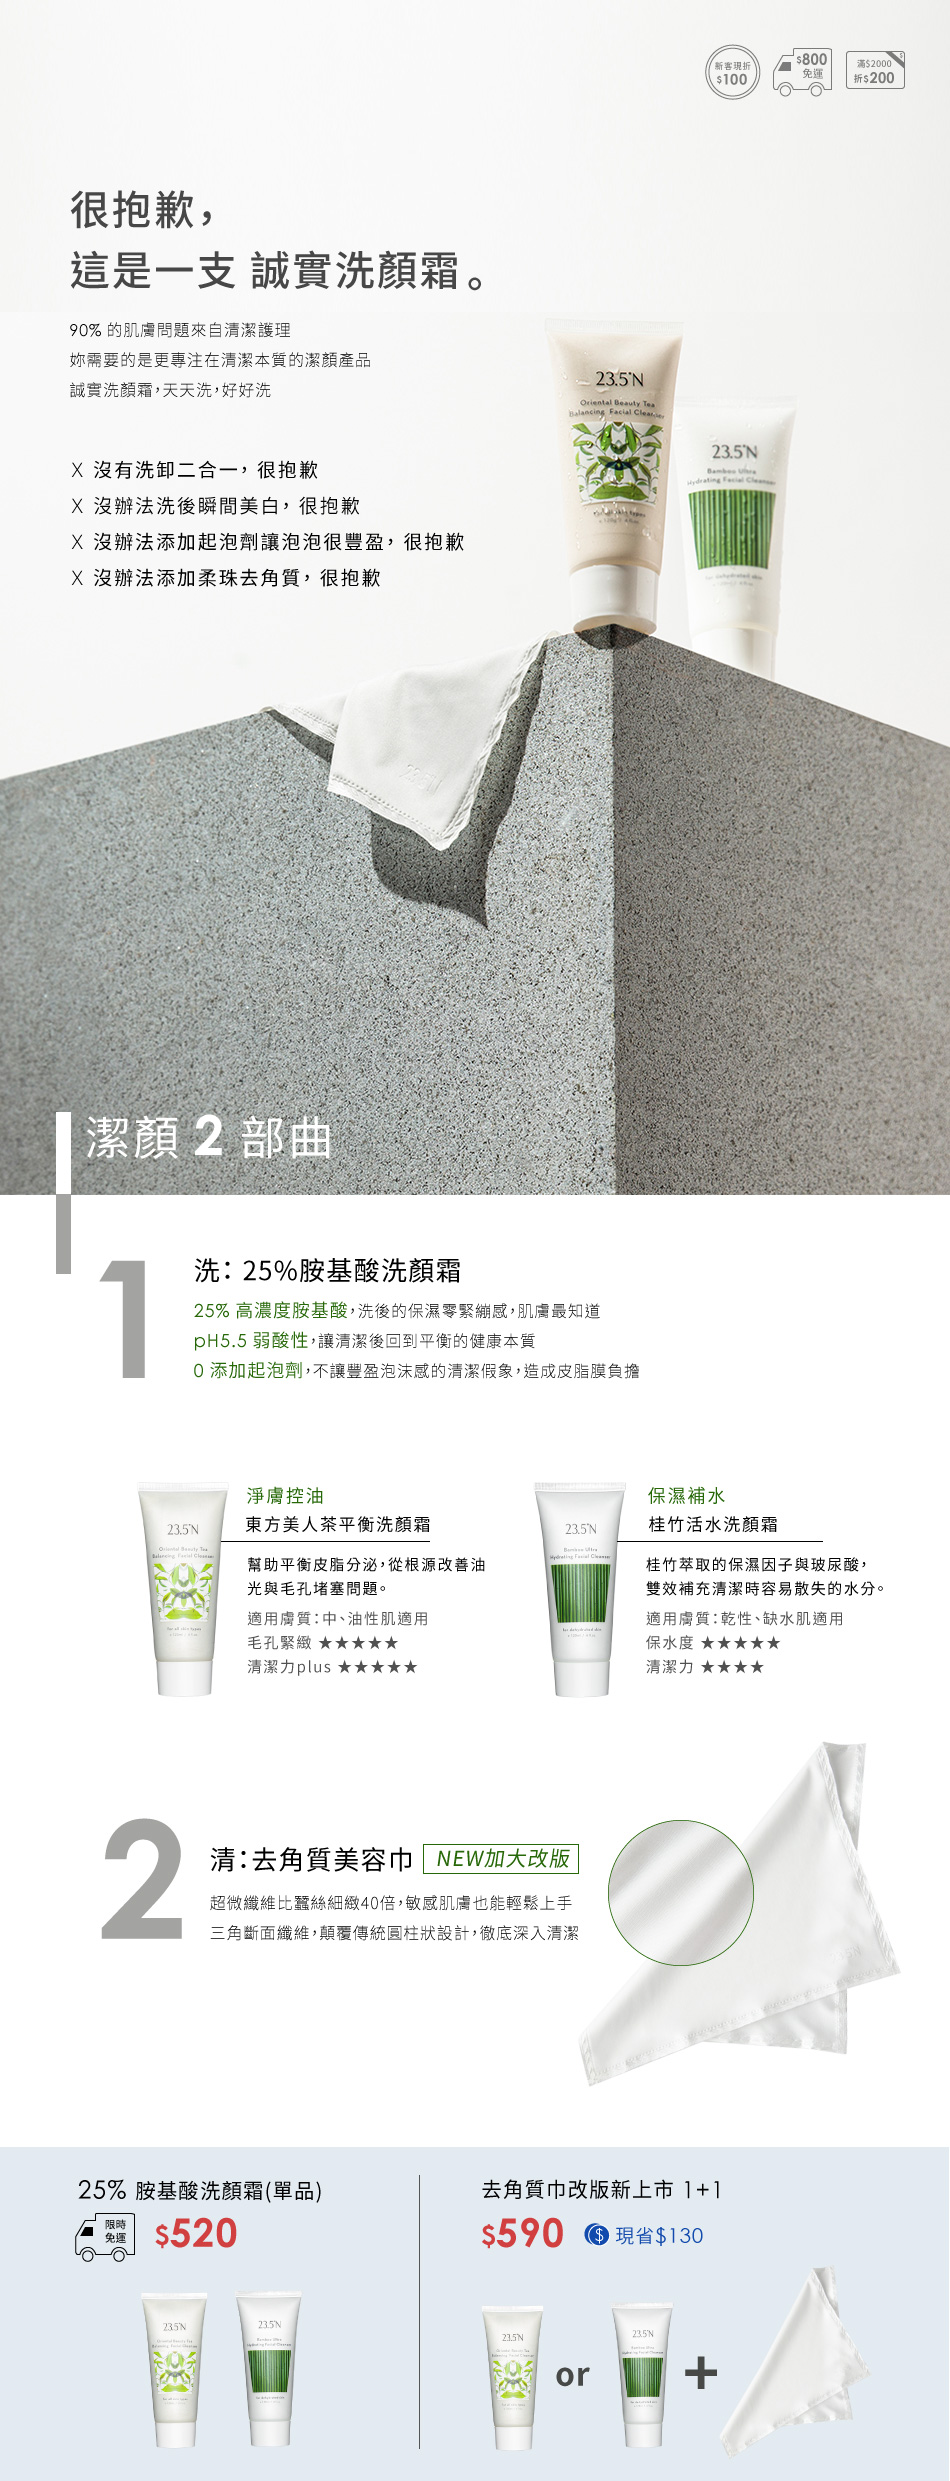 23.5N 北緯研製 胺基酸洗顏霜